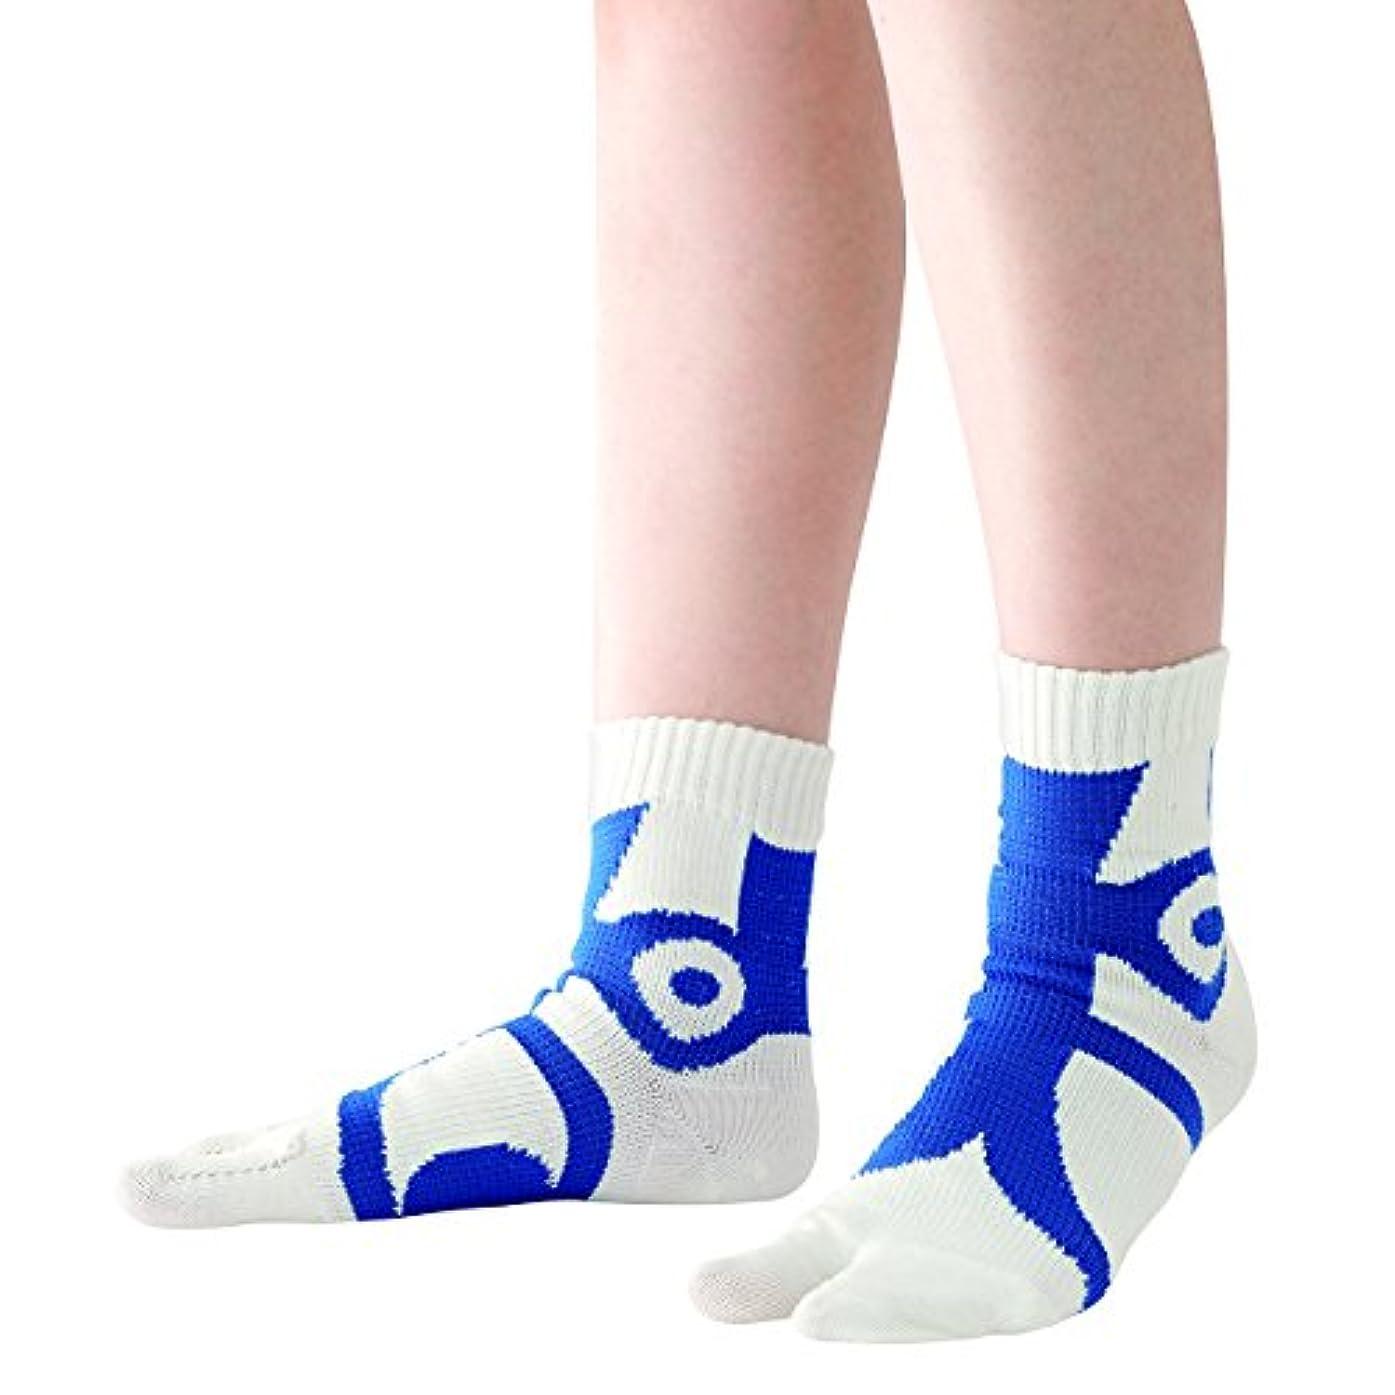 クリエイティブ先住民良性快歩テーピング靴下 ホワイト×ブルー